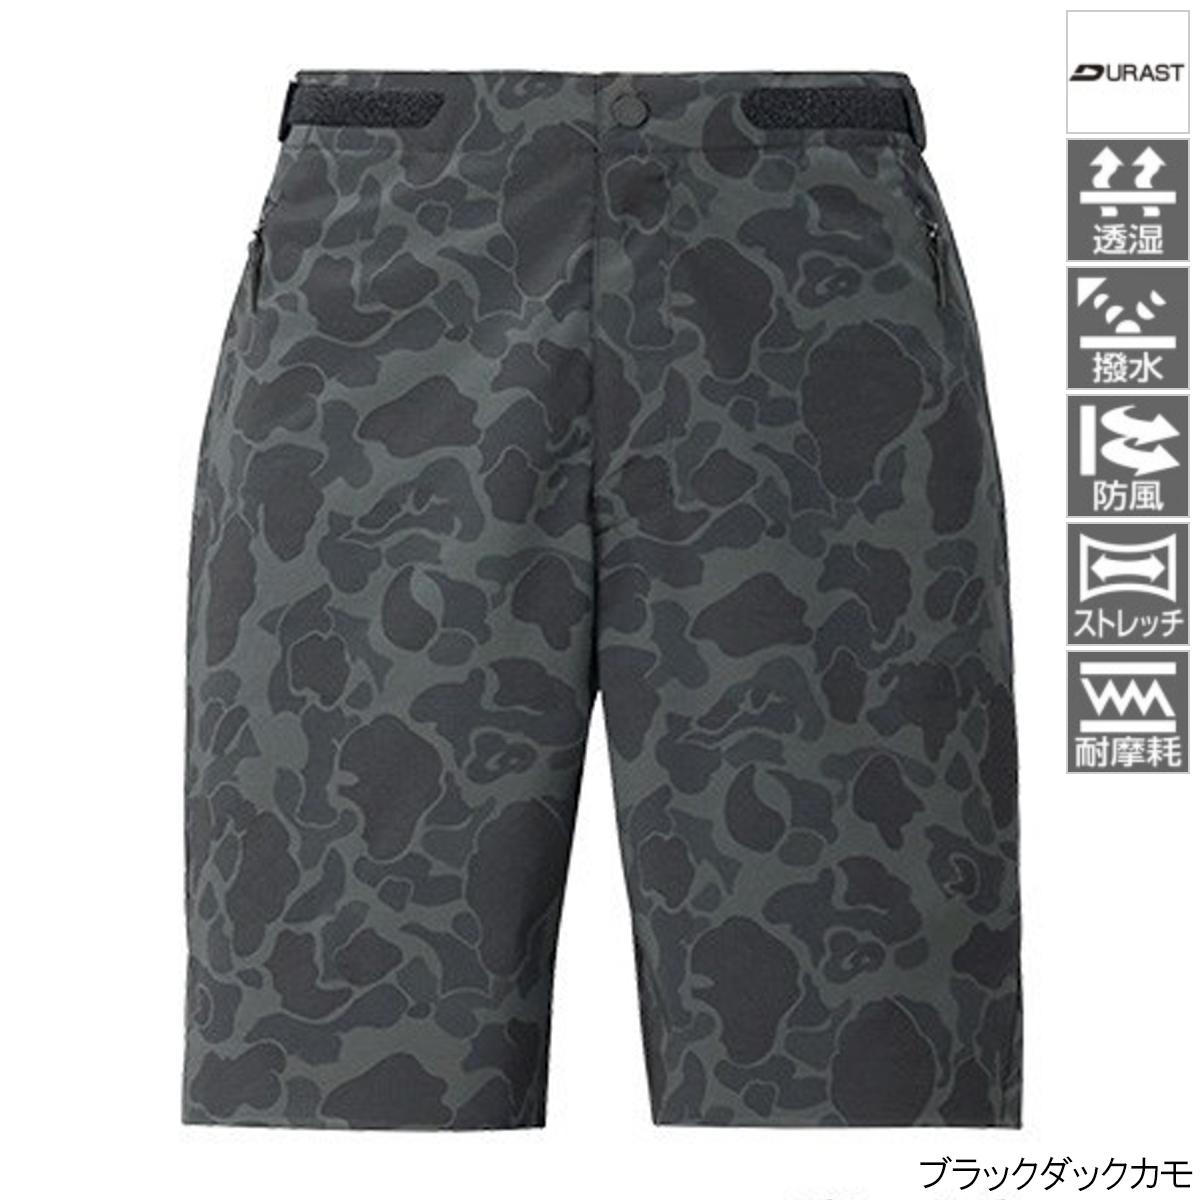 XEFO DURAST ショーツ WP-293T M ブラックダックカモ シマノ【同梱不可】